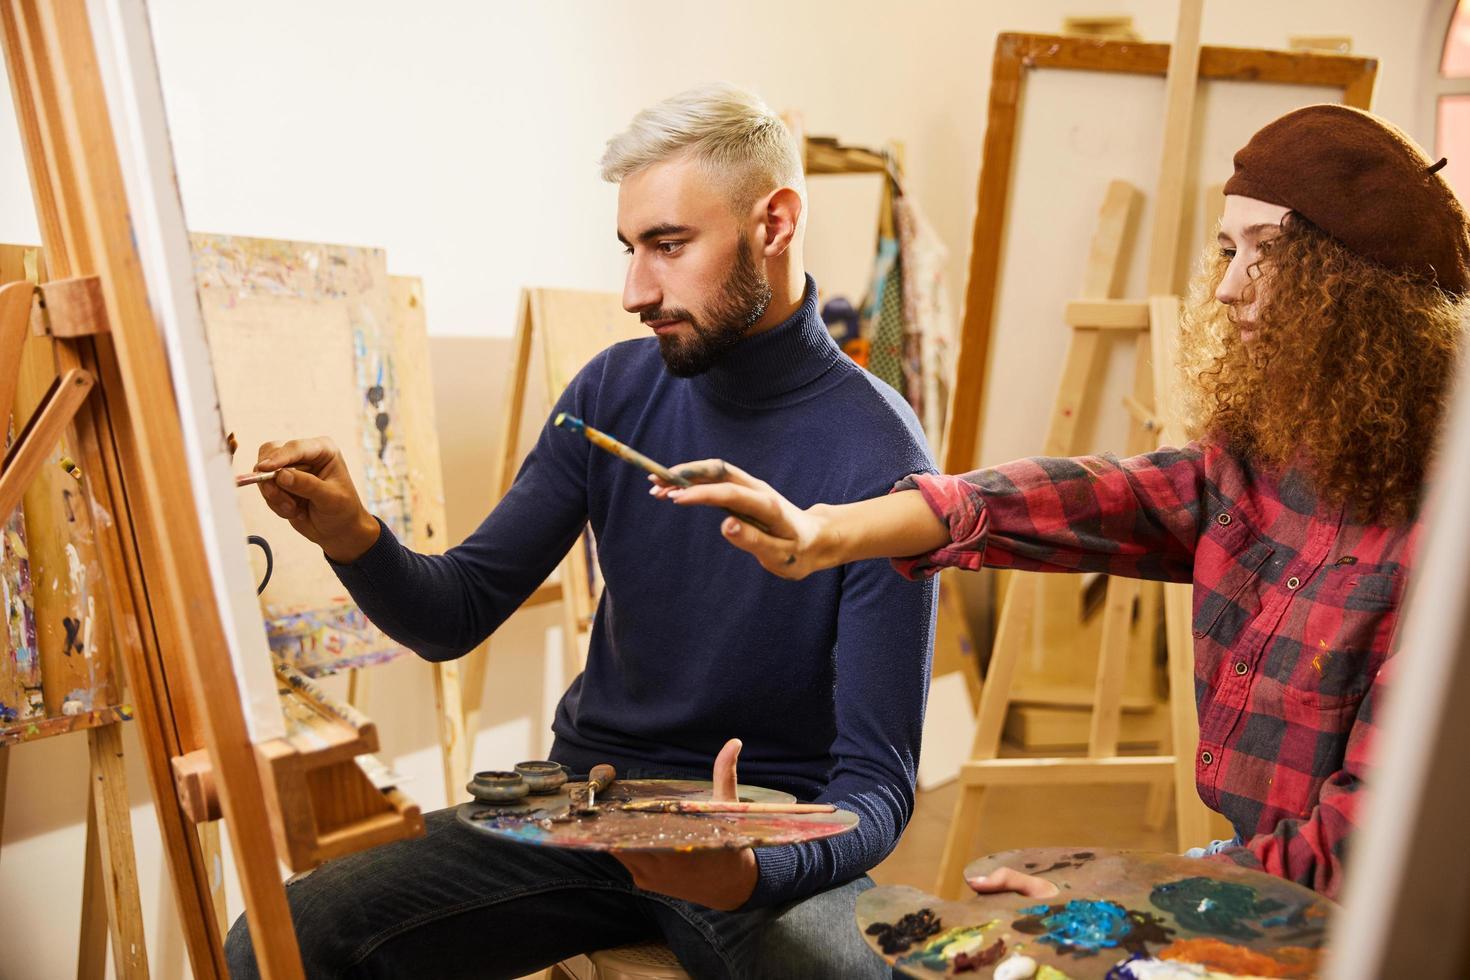 fille et homme aux cheveux bouclés peinture photo